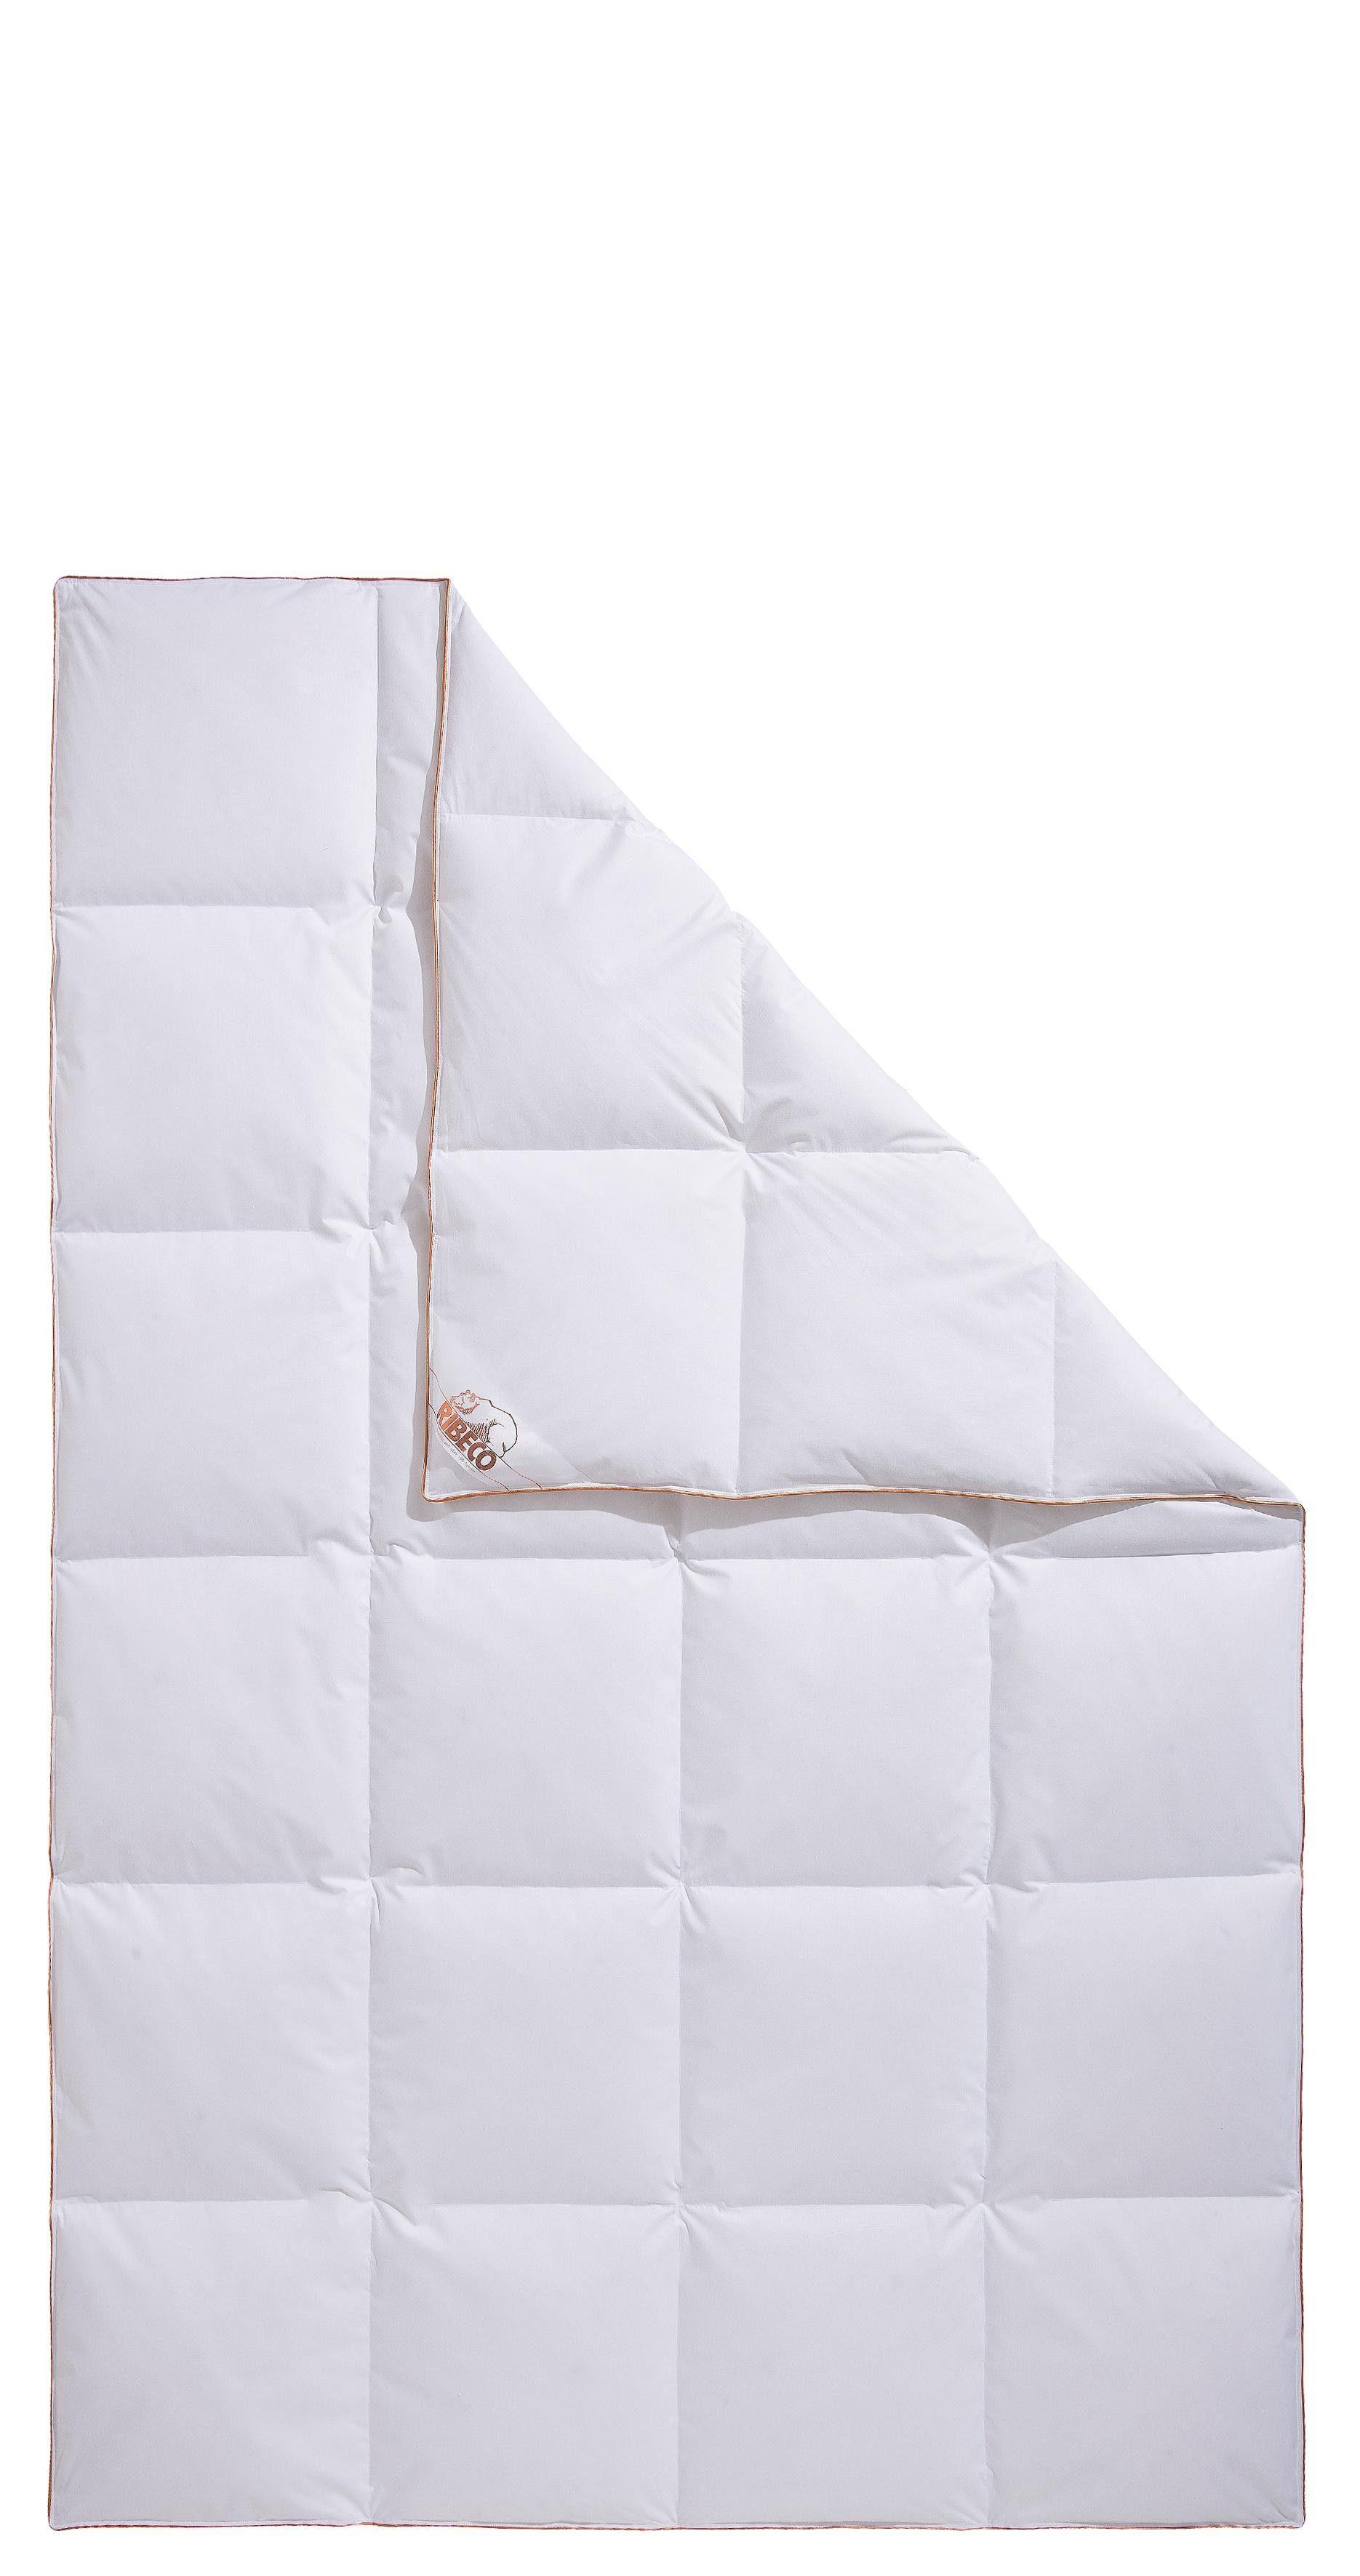 Daunenbettdecke Ella RIBECO normal Füllung: 90% Daunen % 10% Federn Bezug: Baumwolle